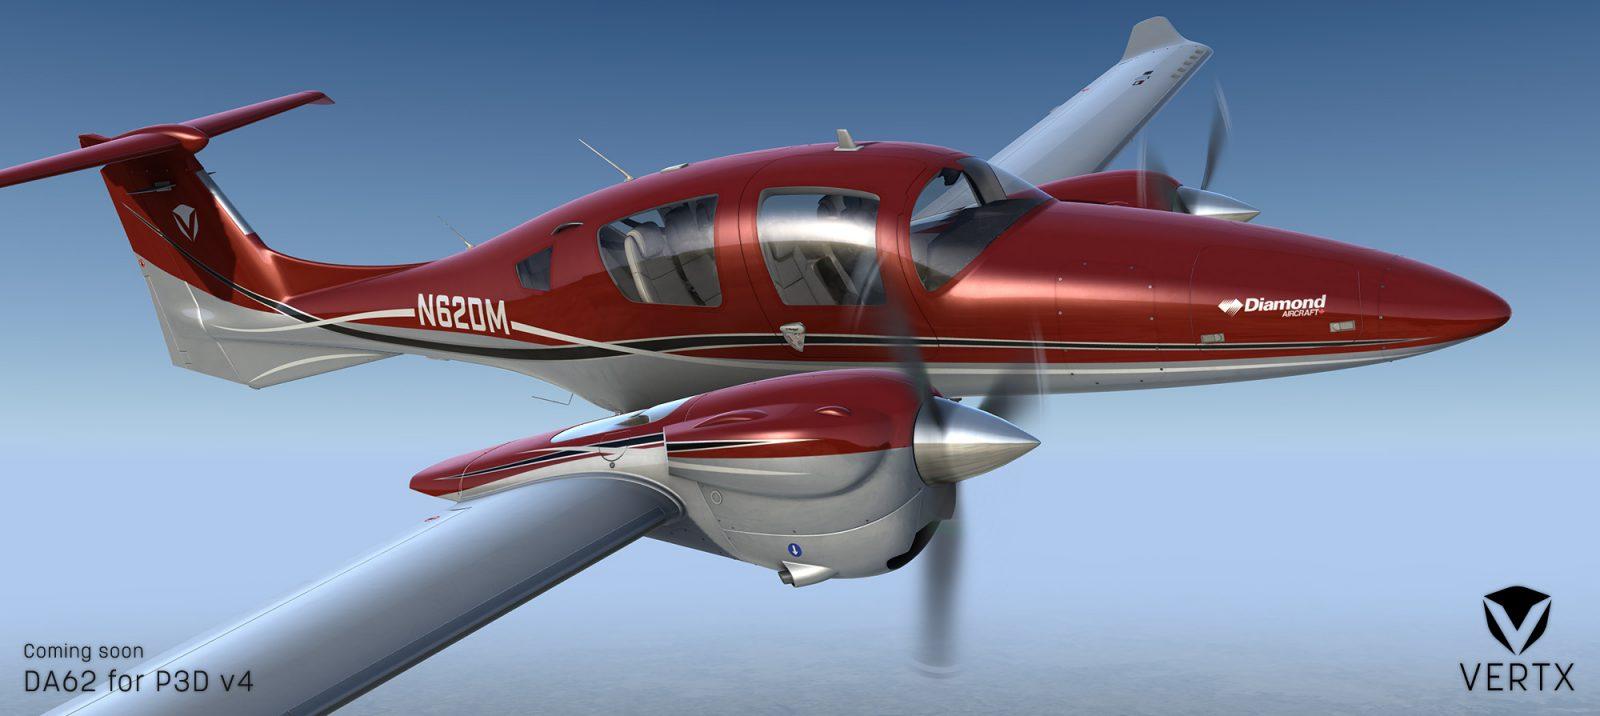 prepar3d / fsx] Vertx Flight Simulation DA62 - ON APPROACH - Topics